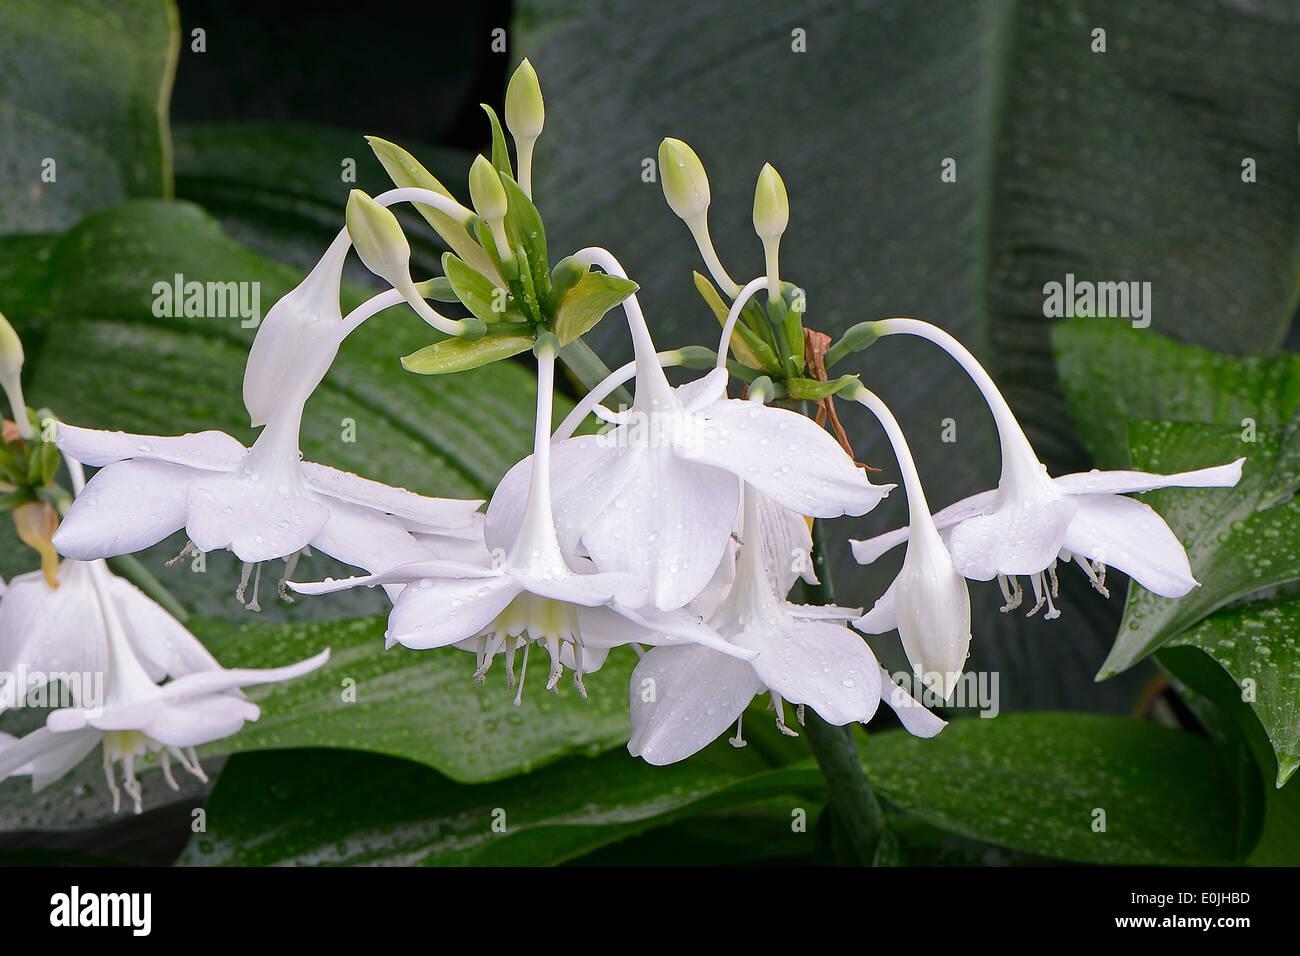 Herzkelch oder Amazonaslilie ( Eucharis amazonica), Vorkommen Südamerika - Stock Image